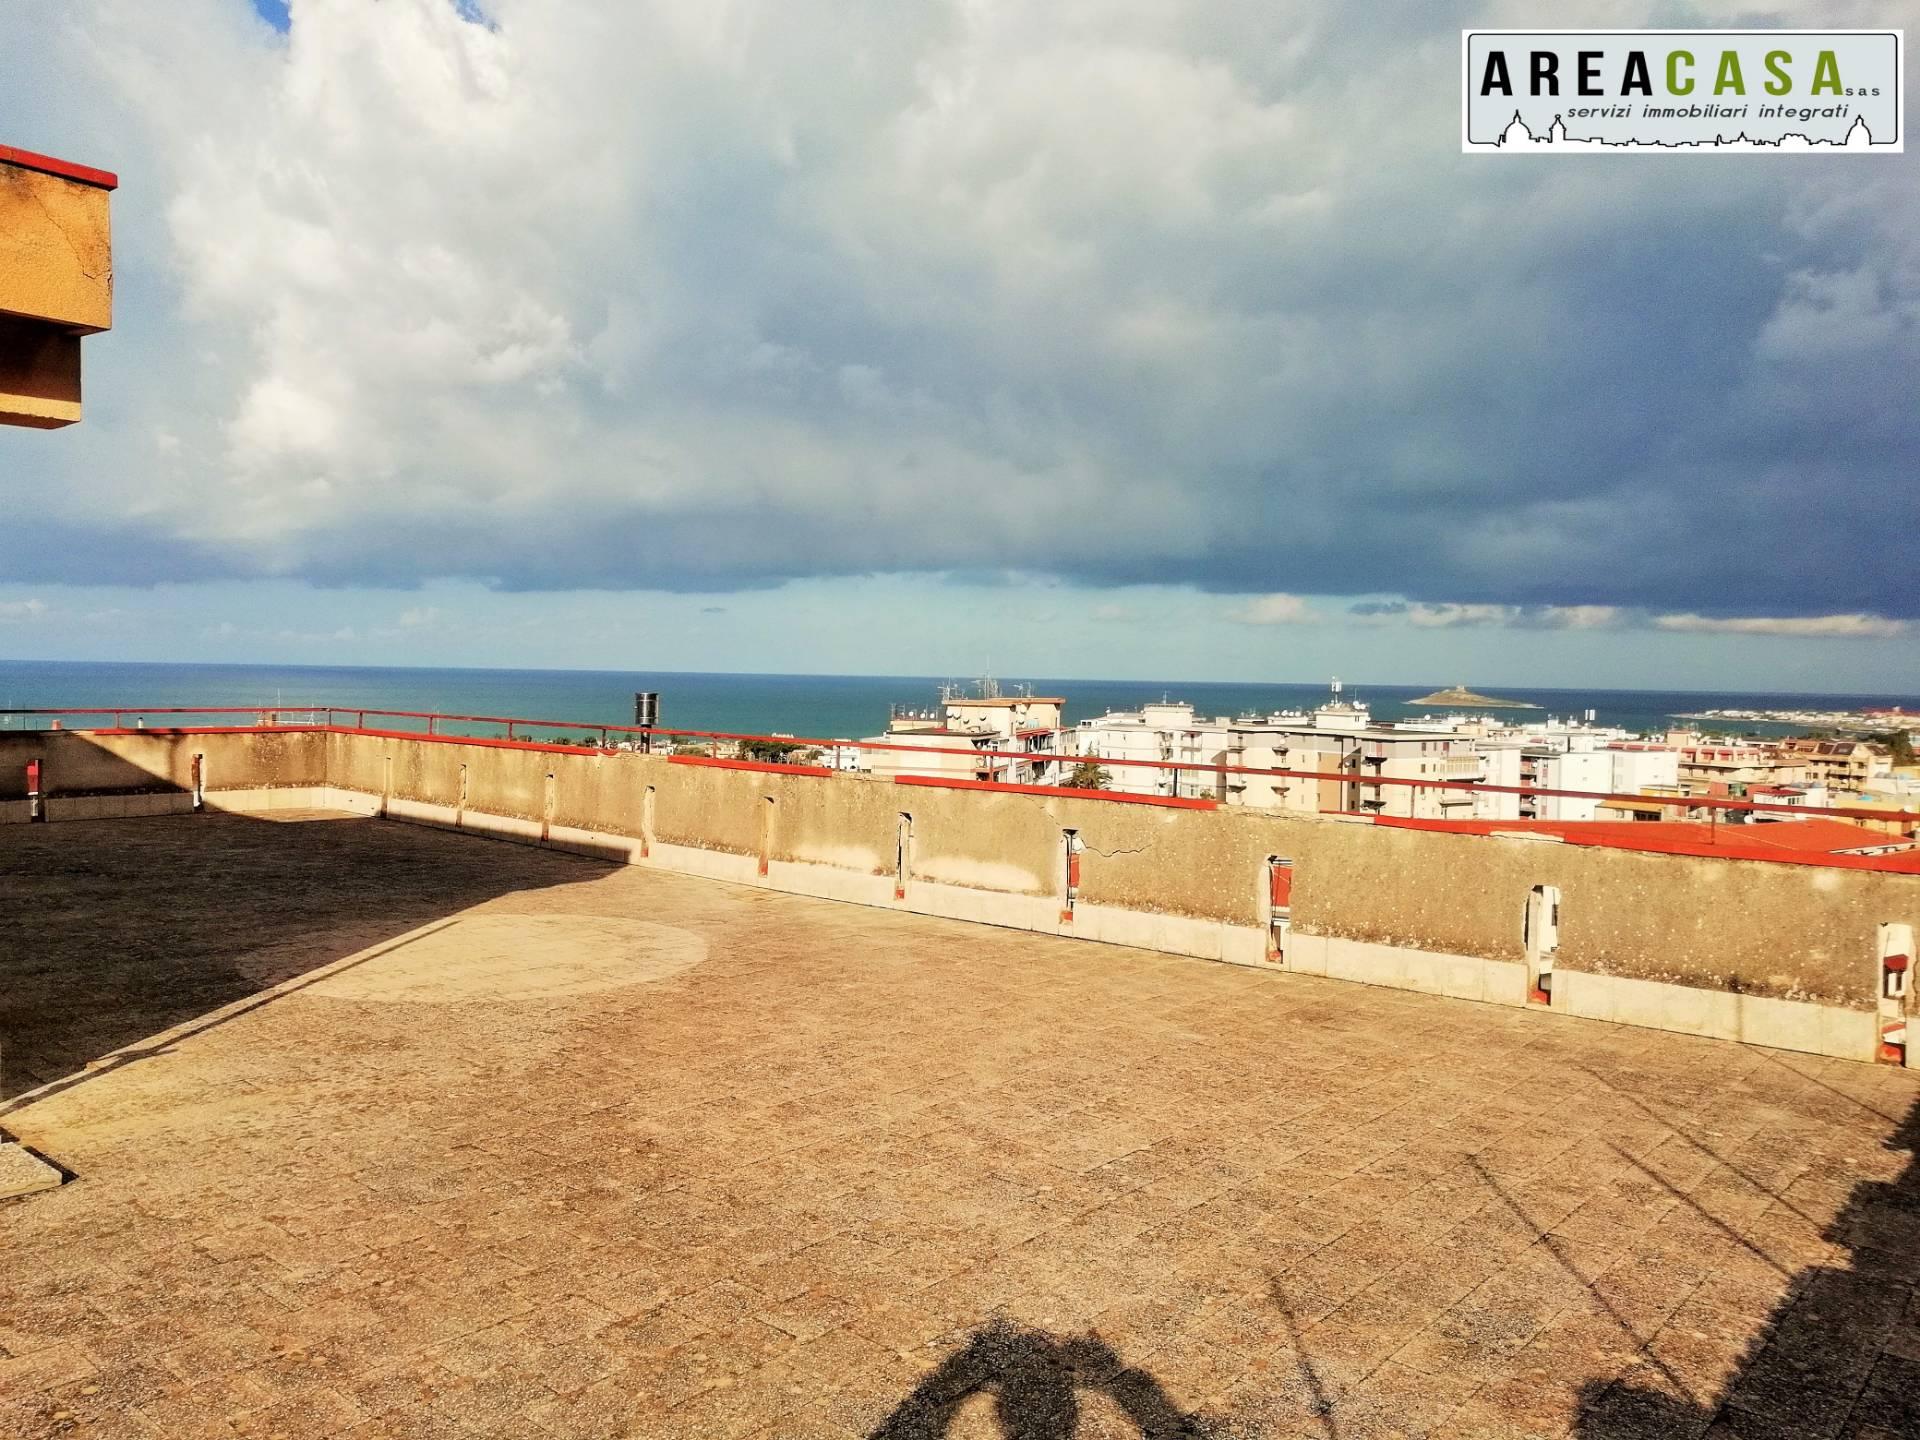 Appartamento in vendita a Capaci, 4 locali, prezzo € 165.000 | PortaleAgenzieImmobiliari.it